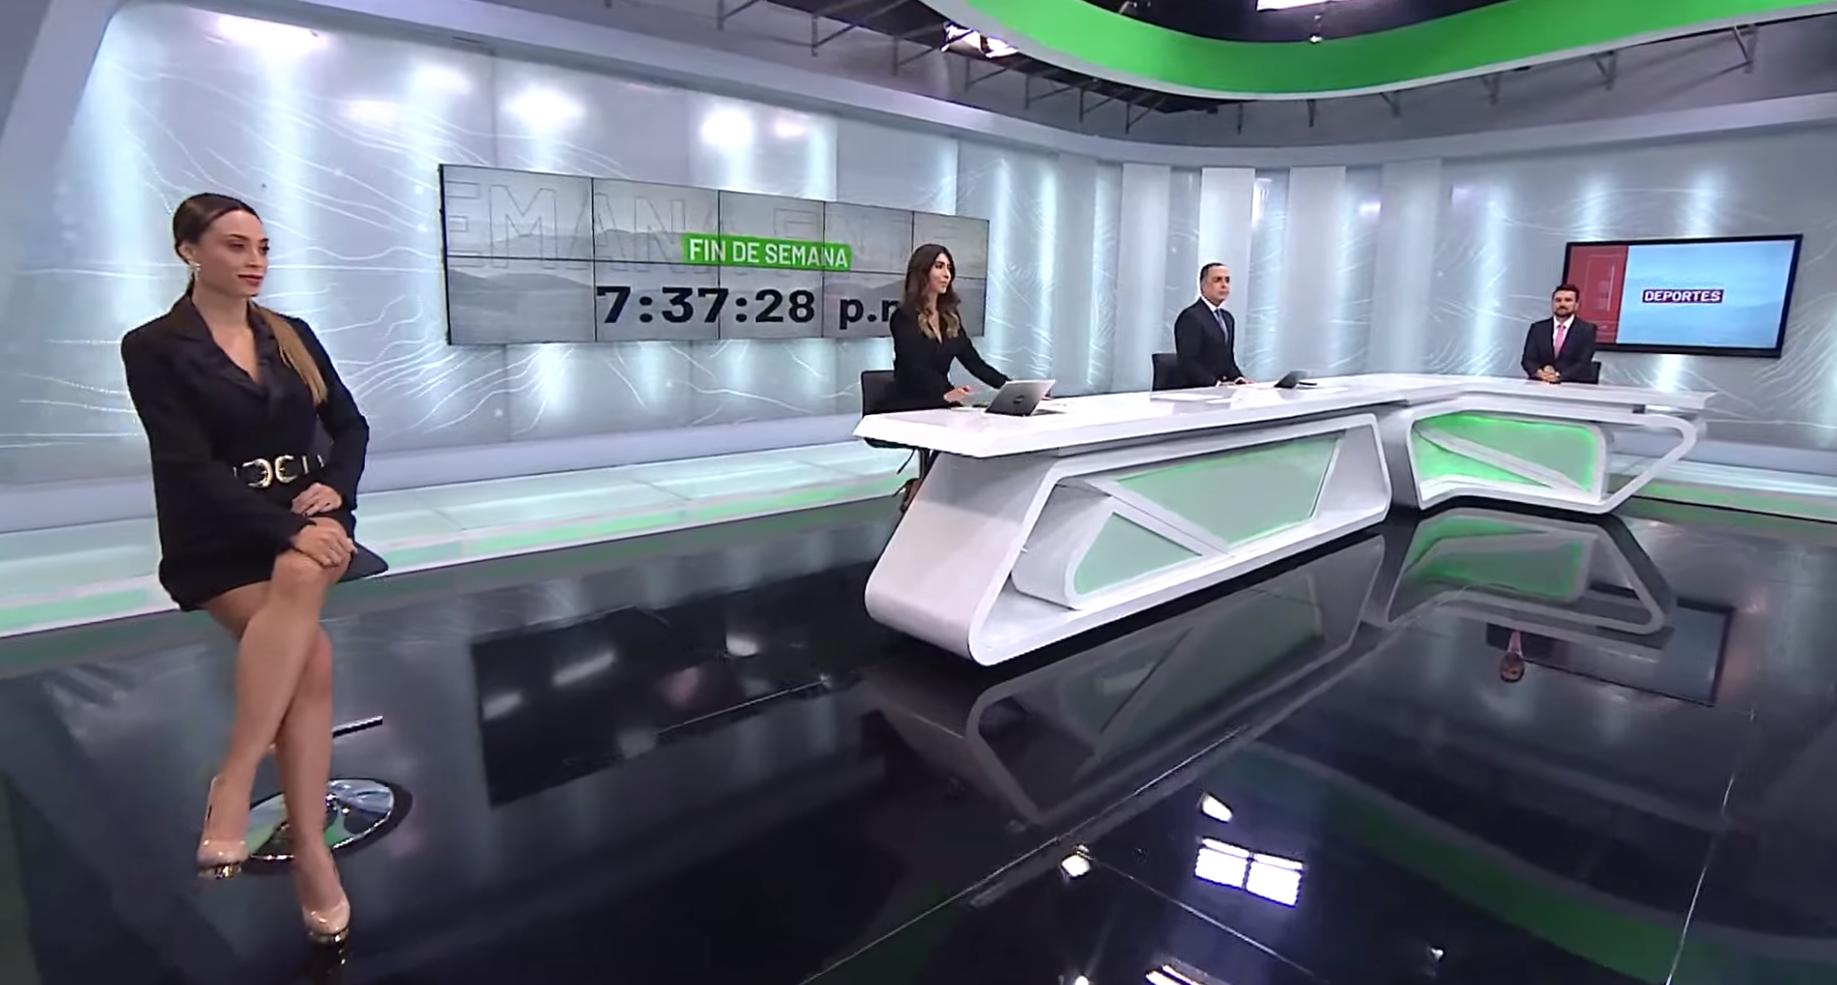 Teleantioquia Noticias – lunes 22 de marzo de 2021 noche